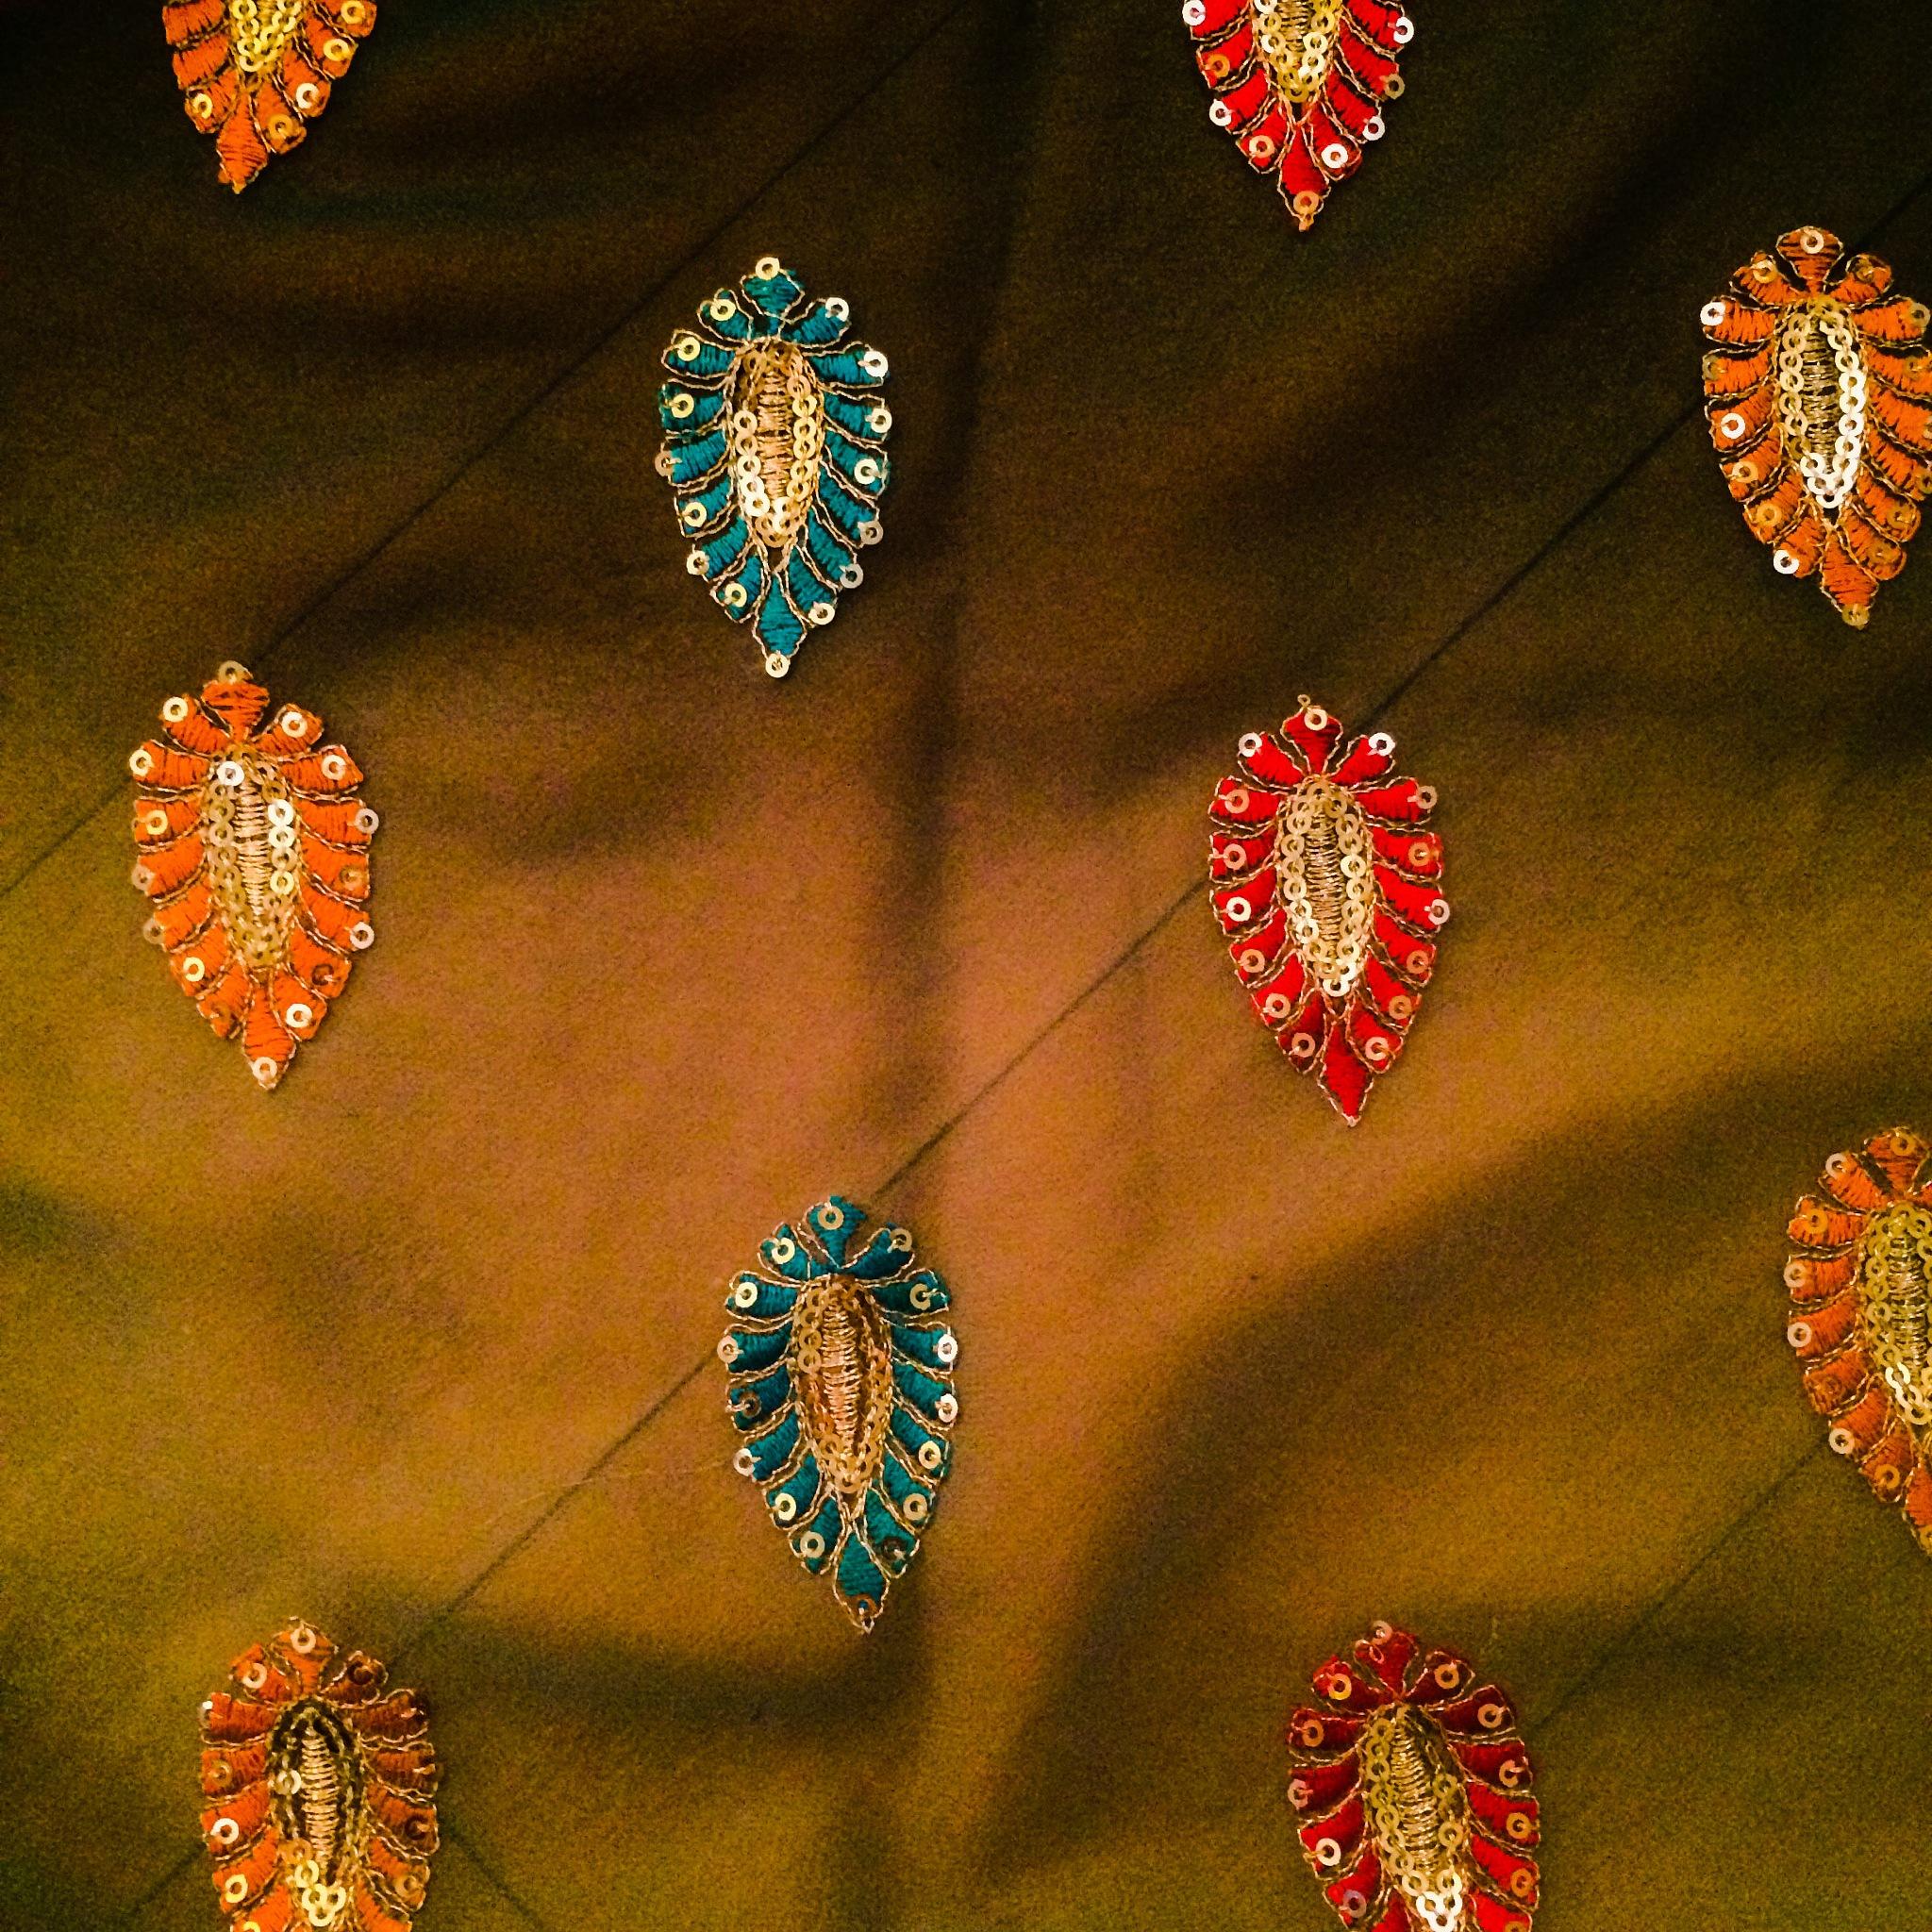 My Friend's Sari by Tracey Glazebrook